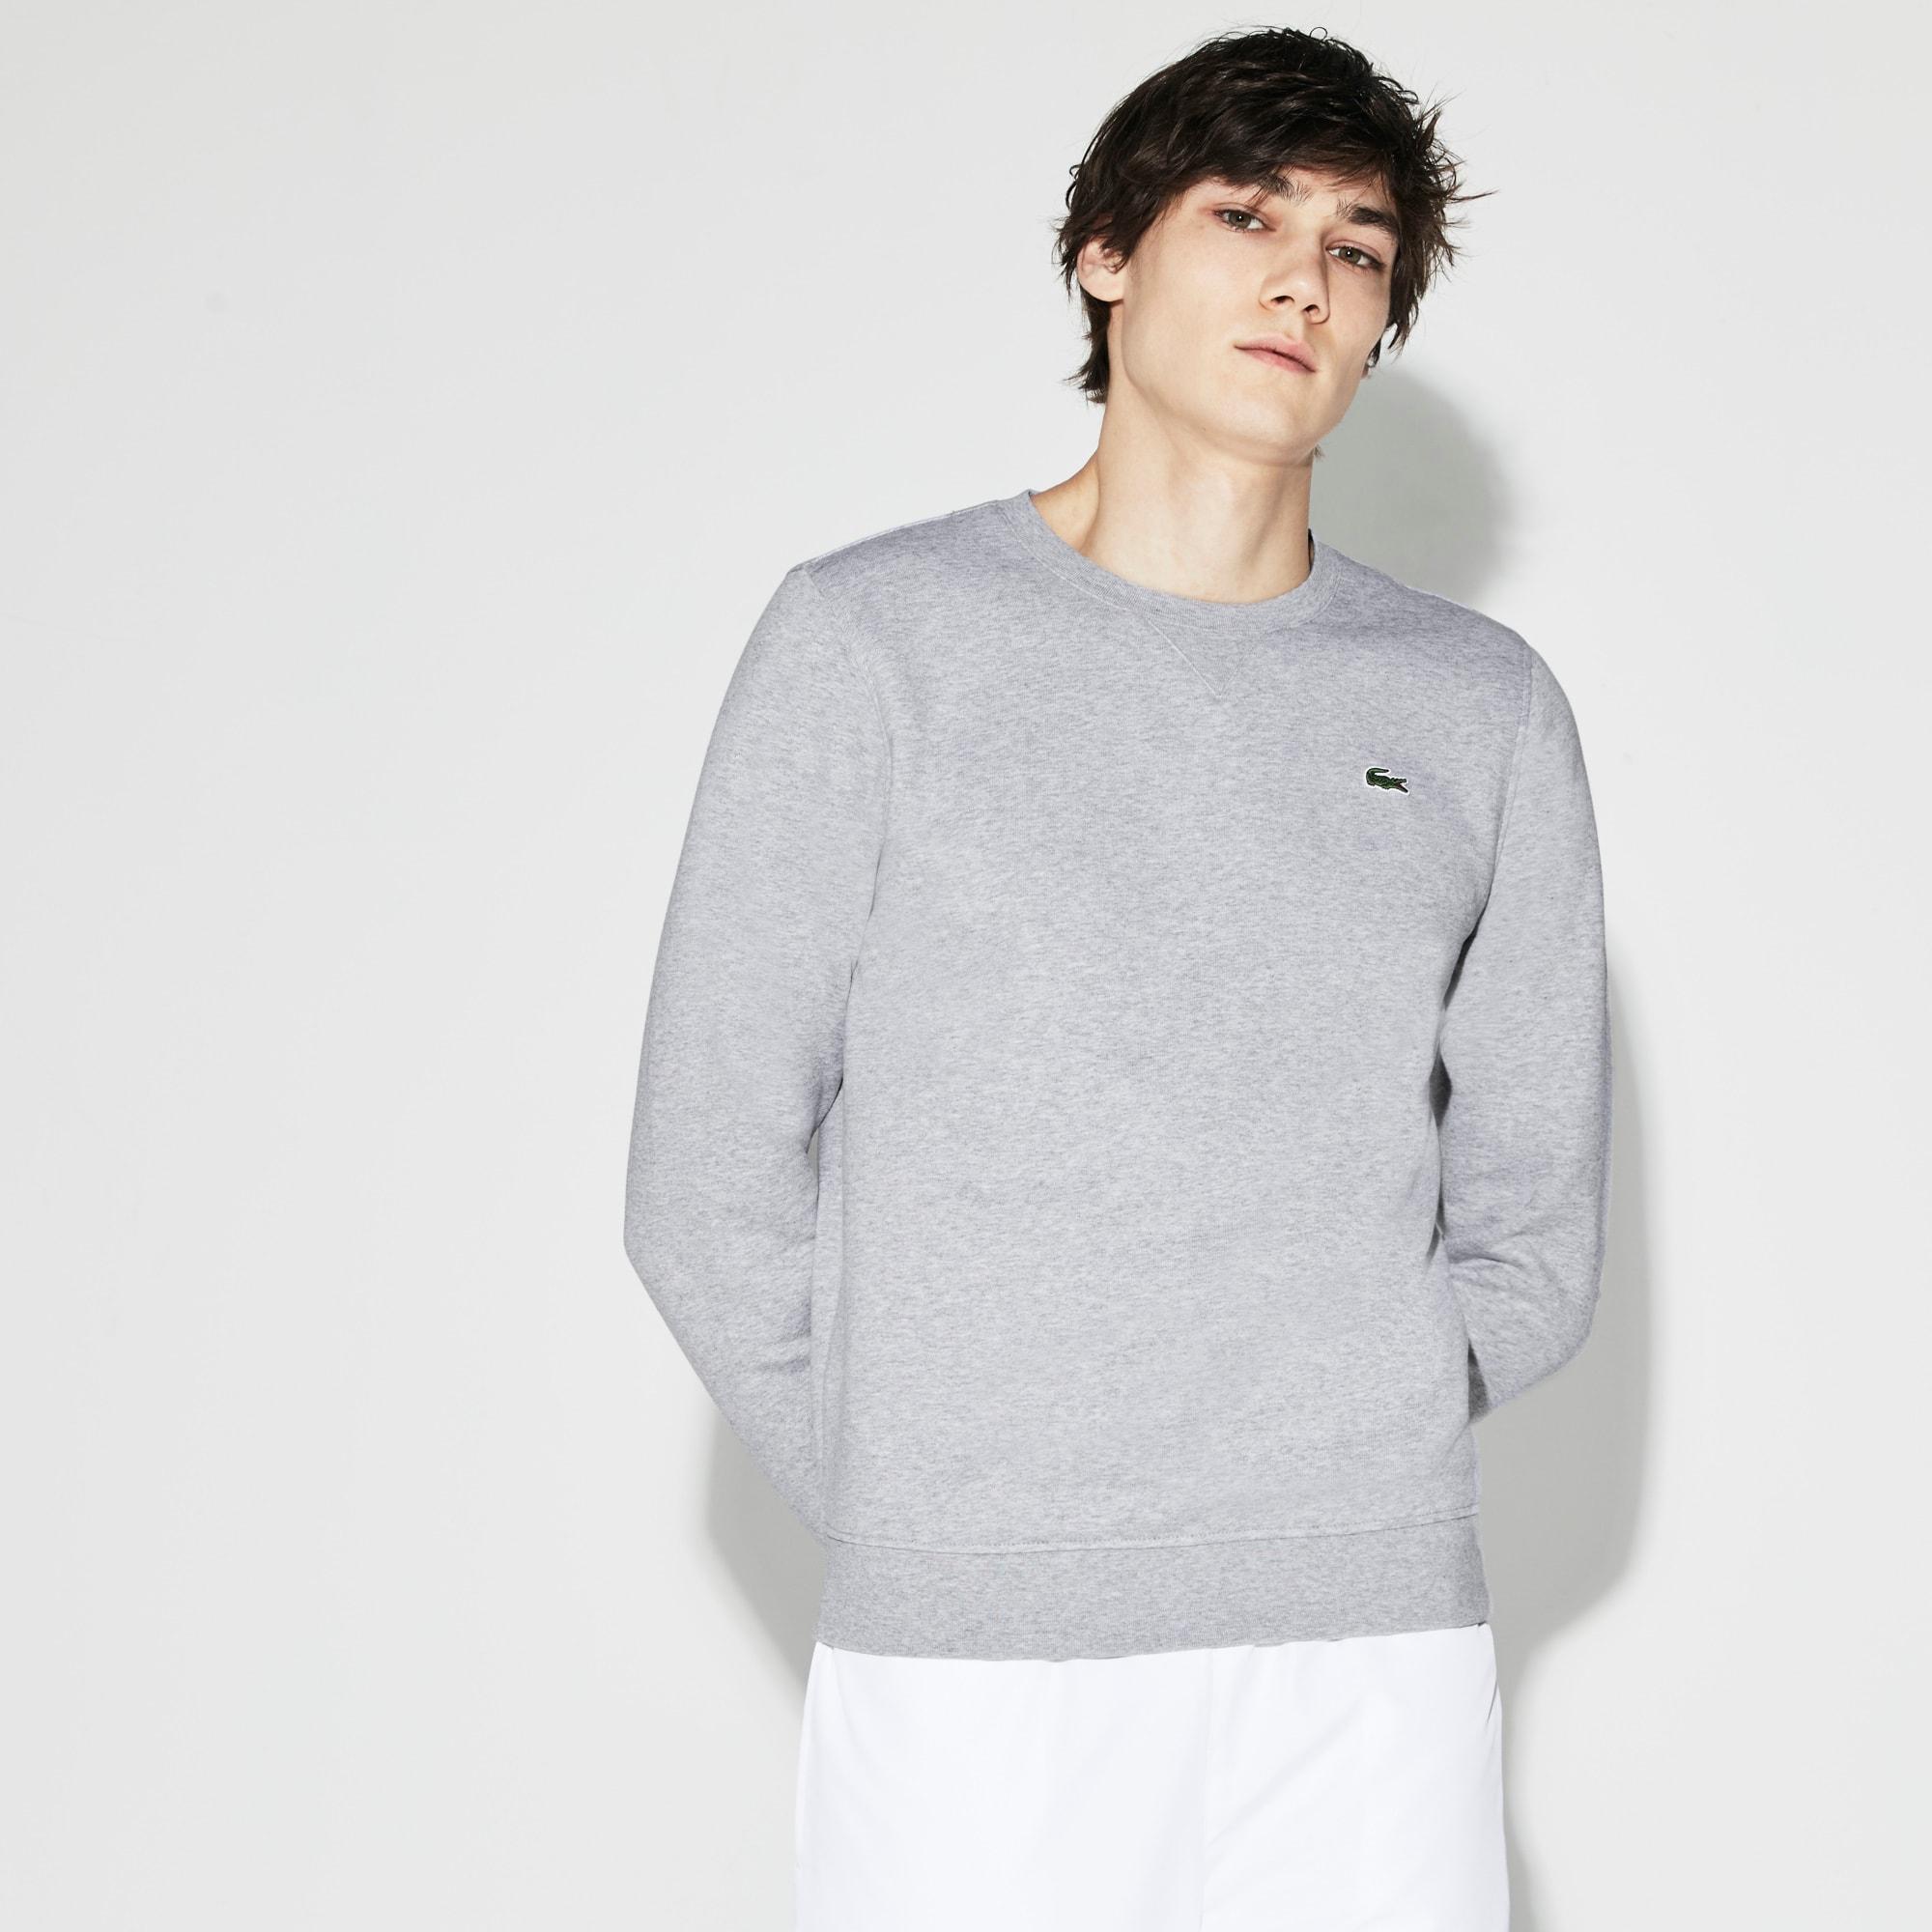 Men's SPORT crew neck sweatshirt in solid fleece